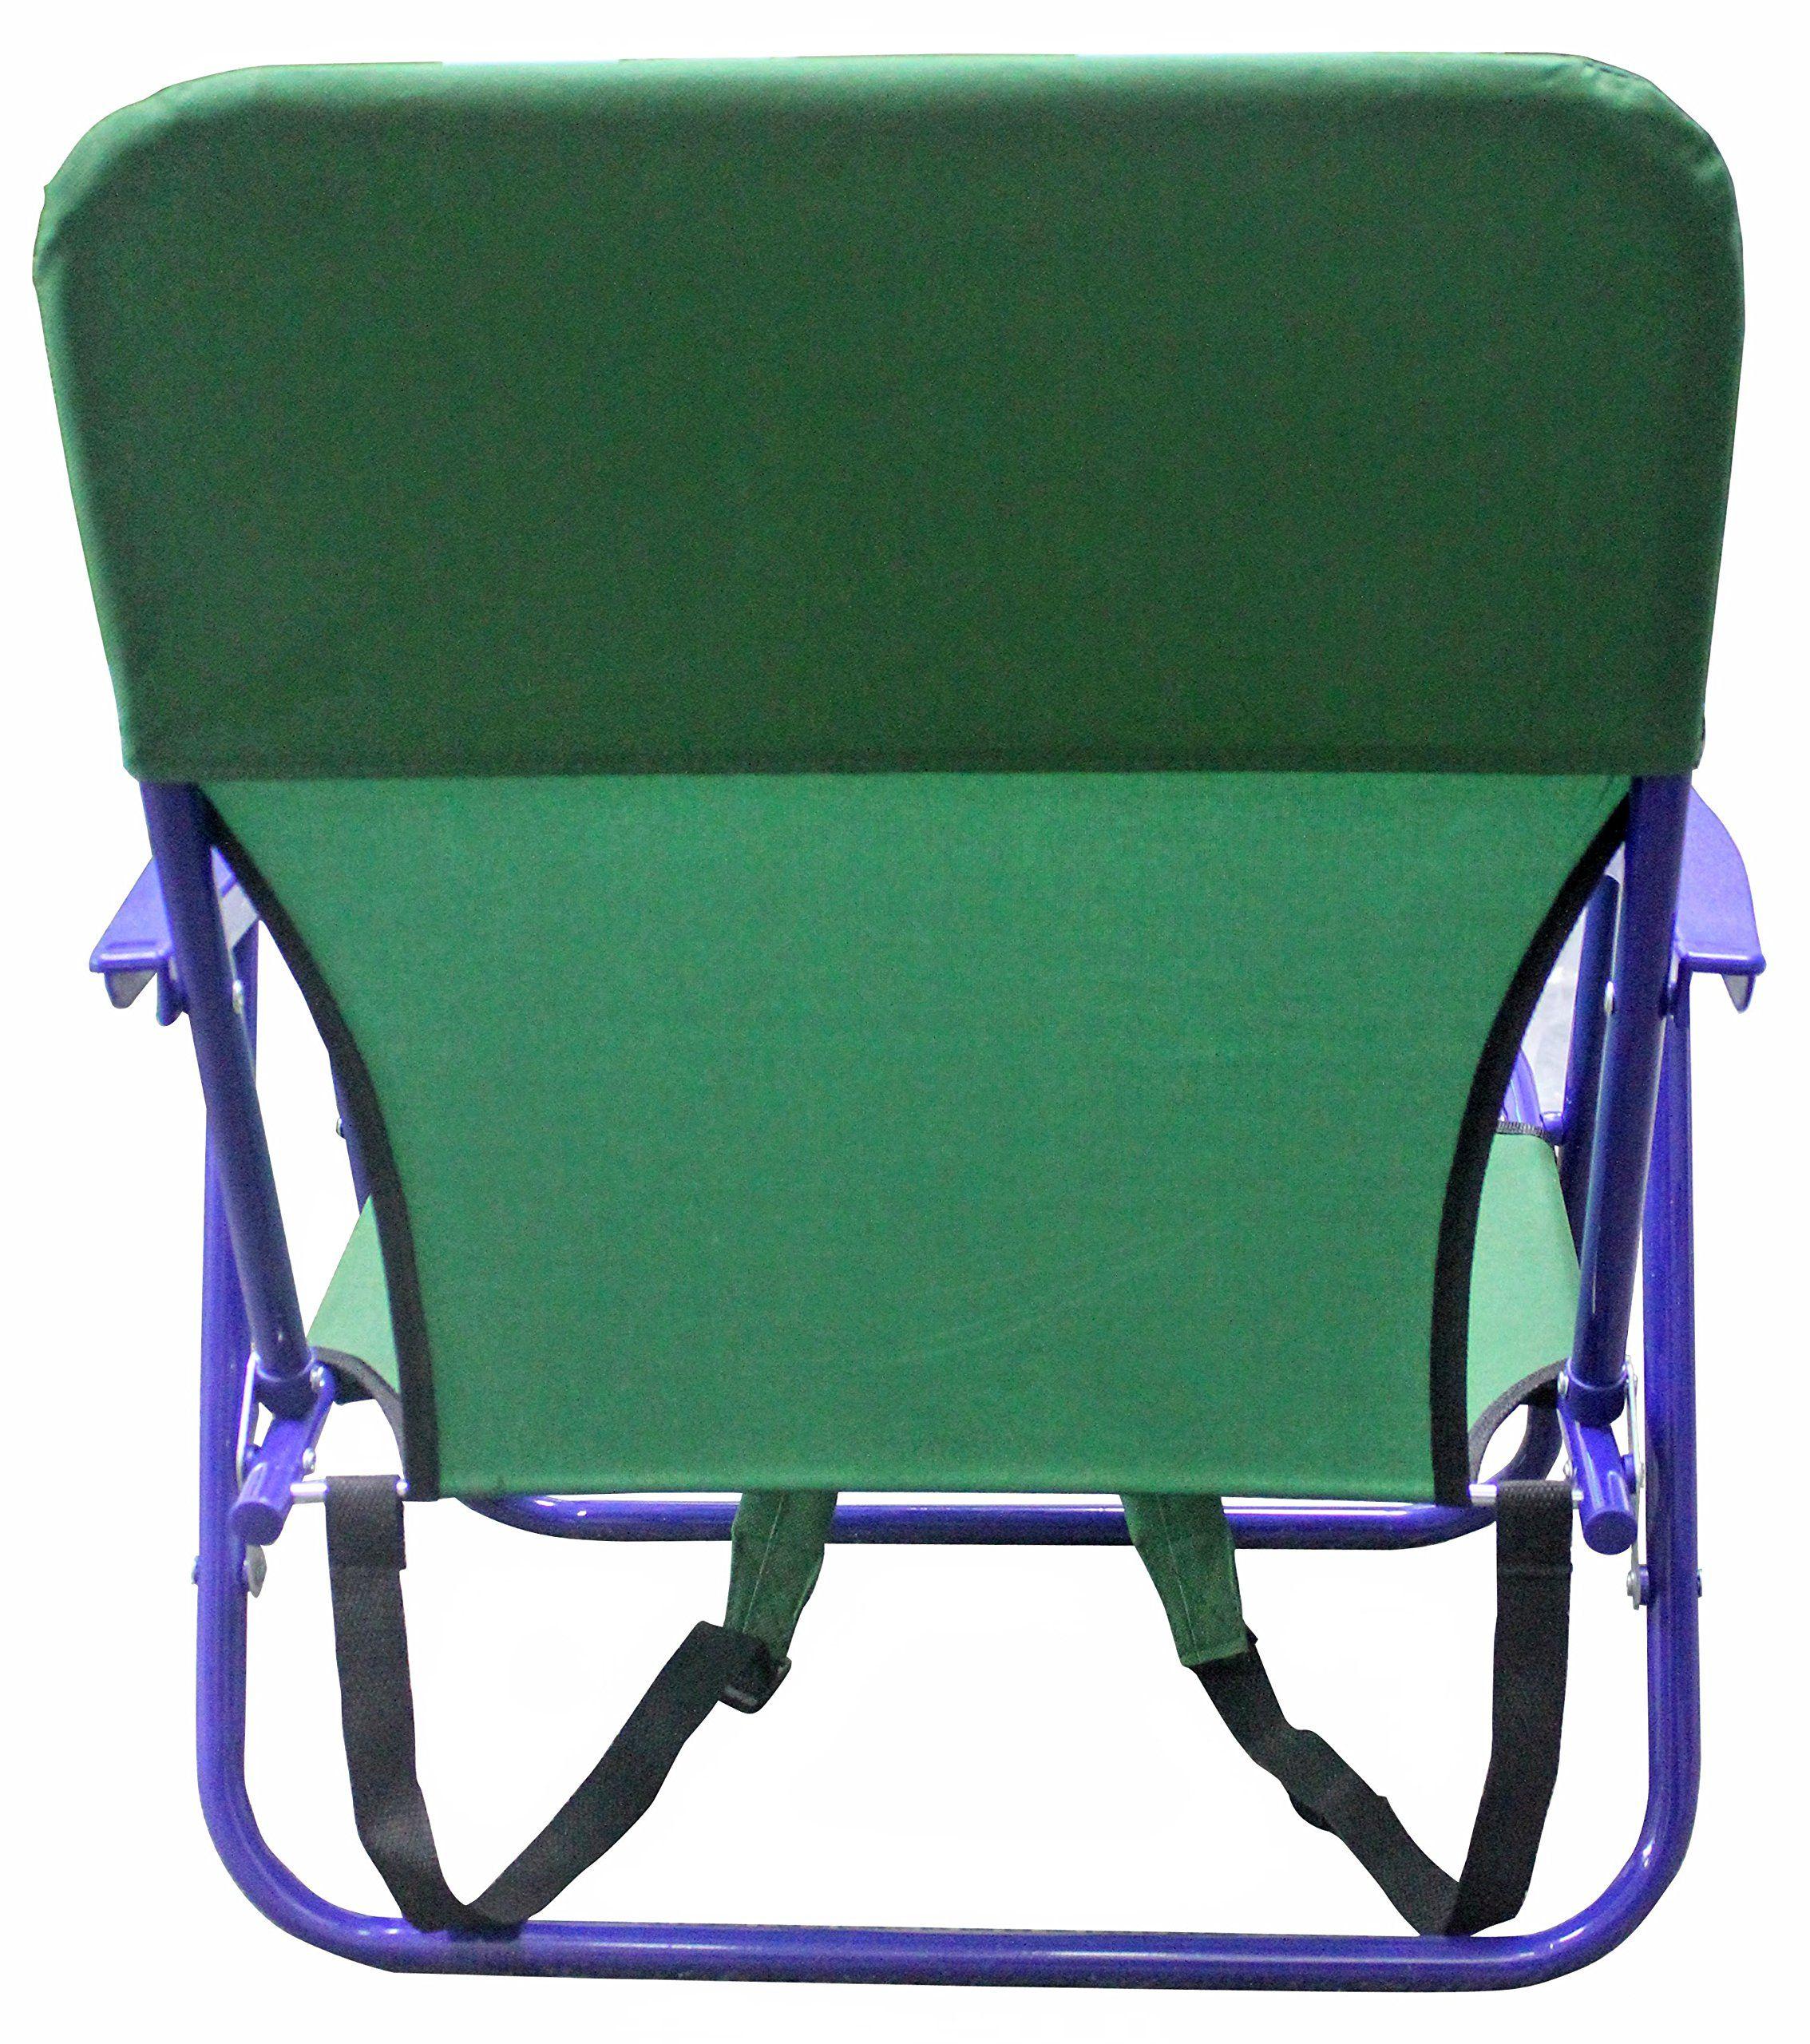 d8c3a30851 Vallf Deluxe Premium and HighEnd Beach Chair Lightweight Aluminum ...